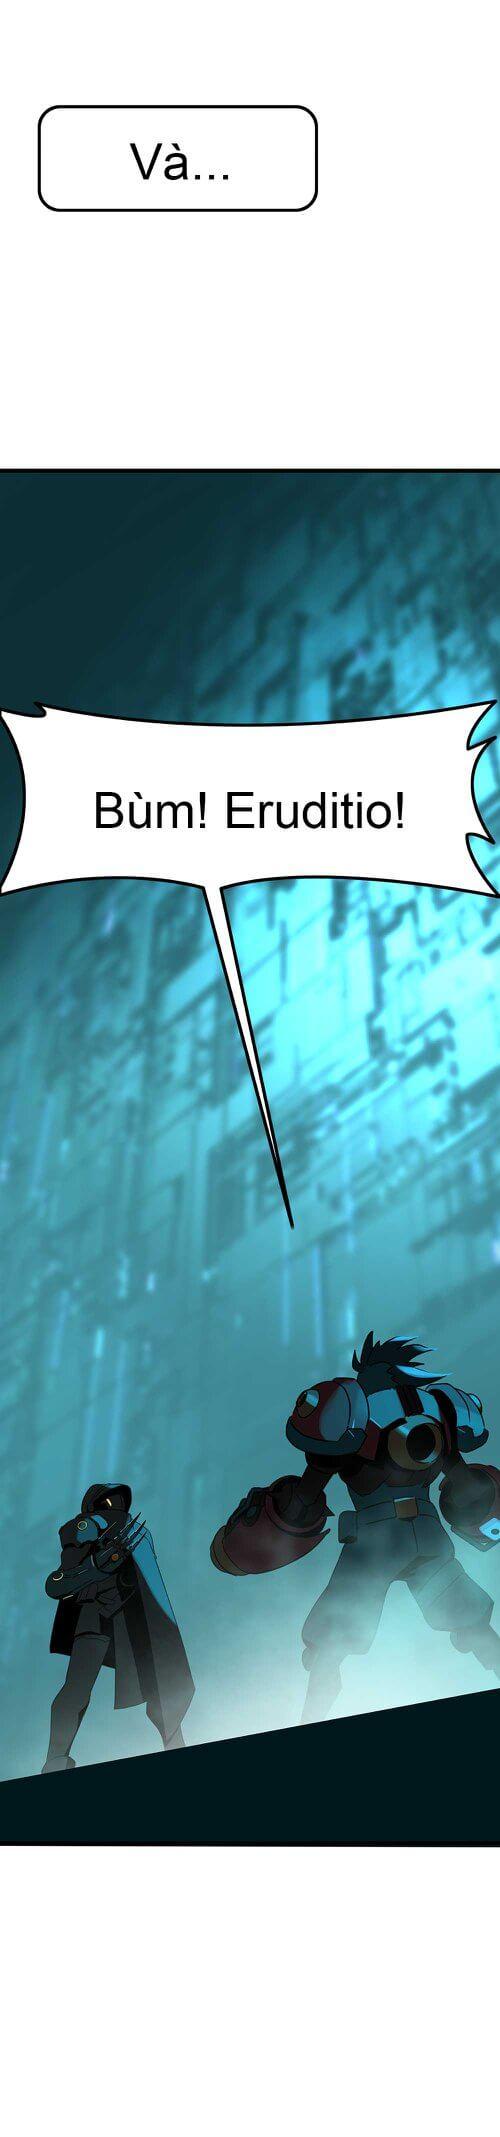 Lethal Nexus: Chương 1 - Cuộc khủng hoảng - Trang 04